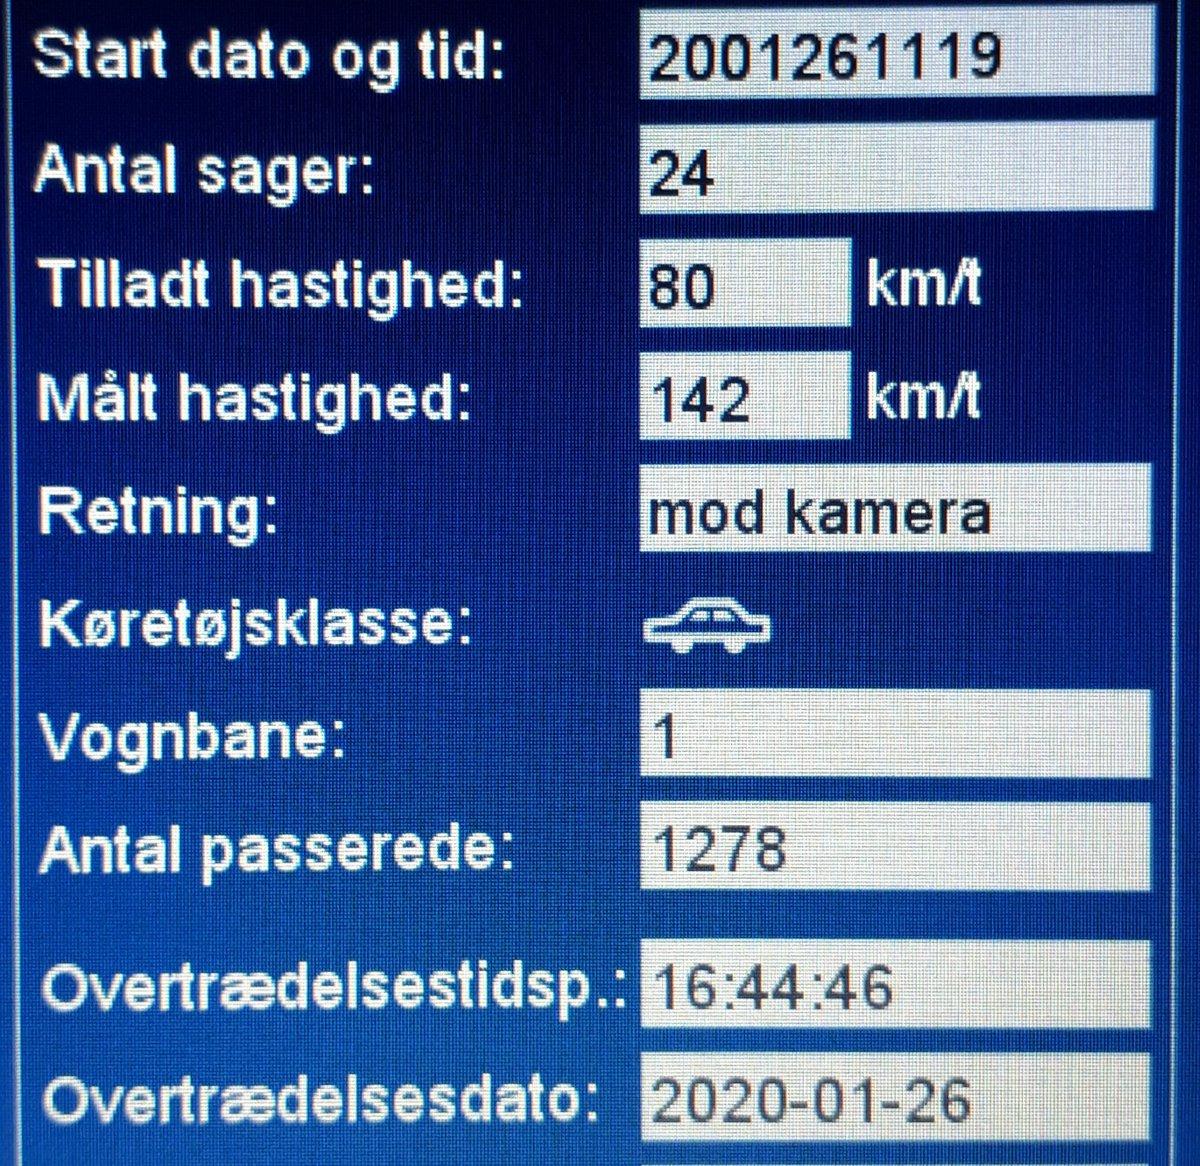 Det går alt for stærkt for nogen bilister på Sønderborgvej ved Kruså, udpeget fokusstrækning. ATK måling i dag gav dette nedslående resultat: 25 sager, 2 klip og 1 bet.frak for at køre hele 142km/t i 80zone. Vi kommer snart igen, så sænk nu farten #atkdk #politidk https://t.co/U9aWS90bhC